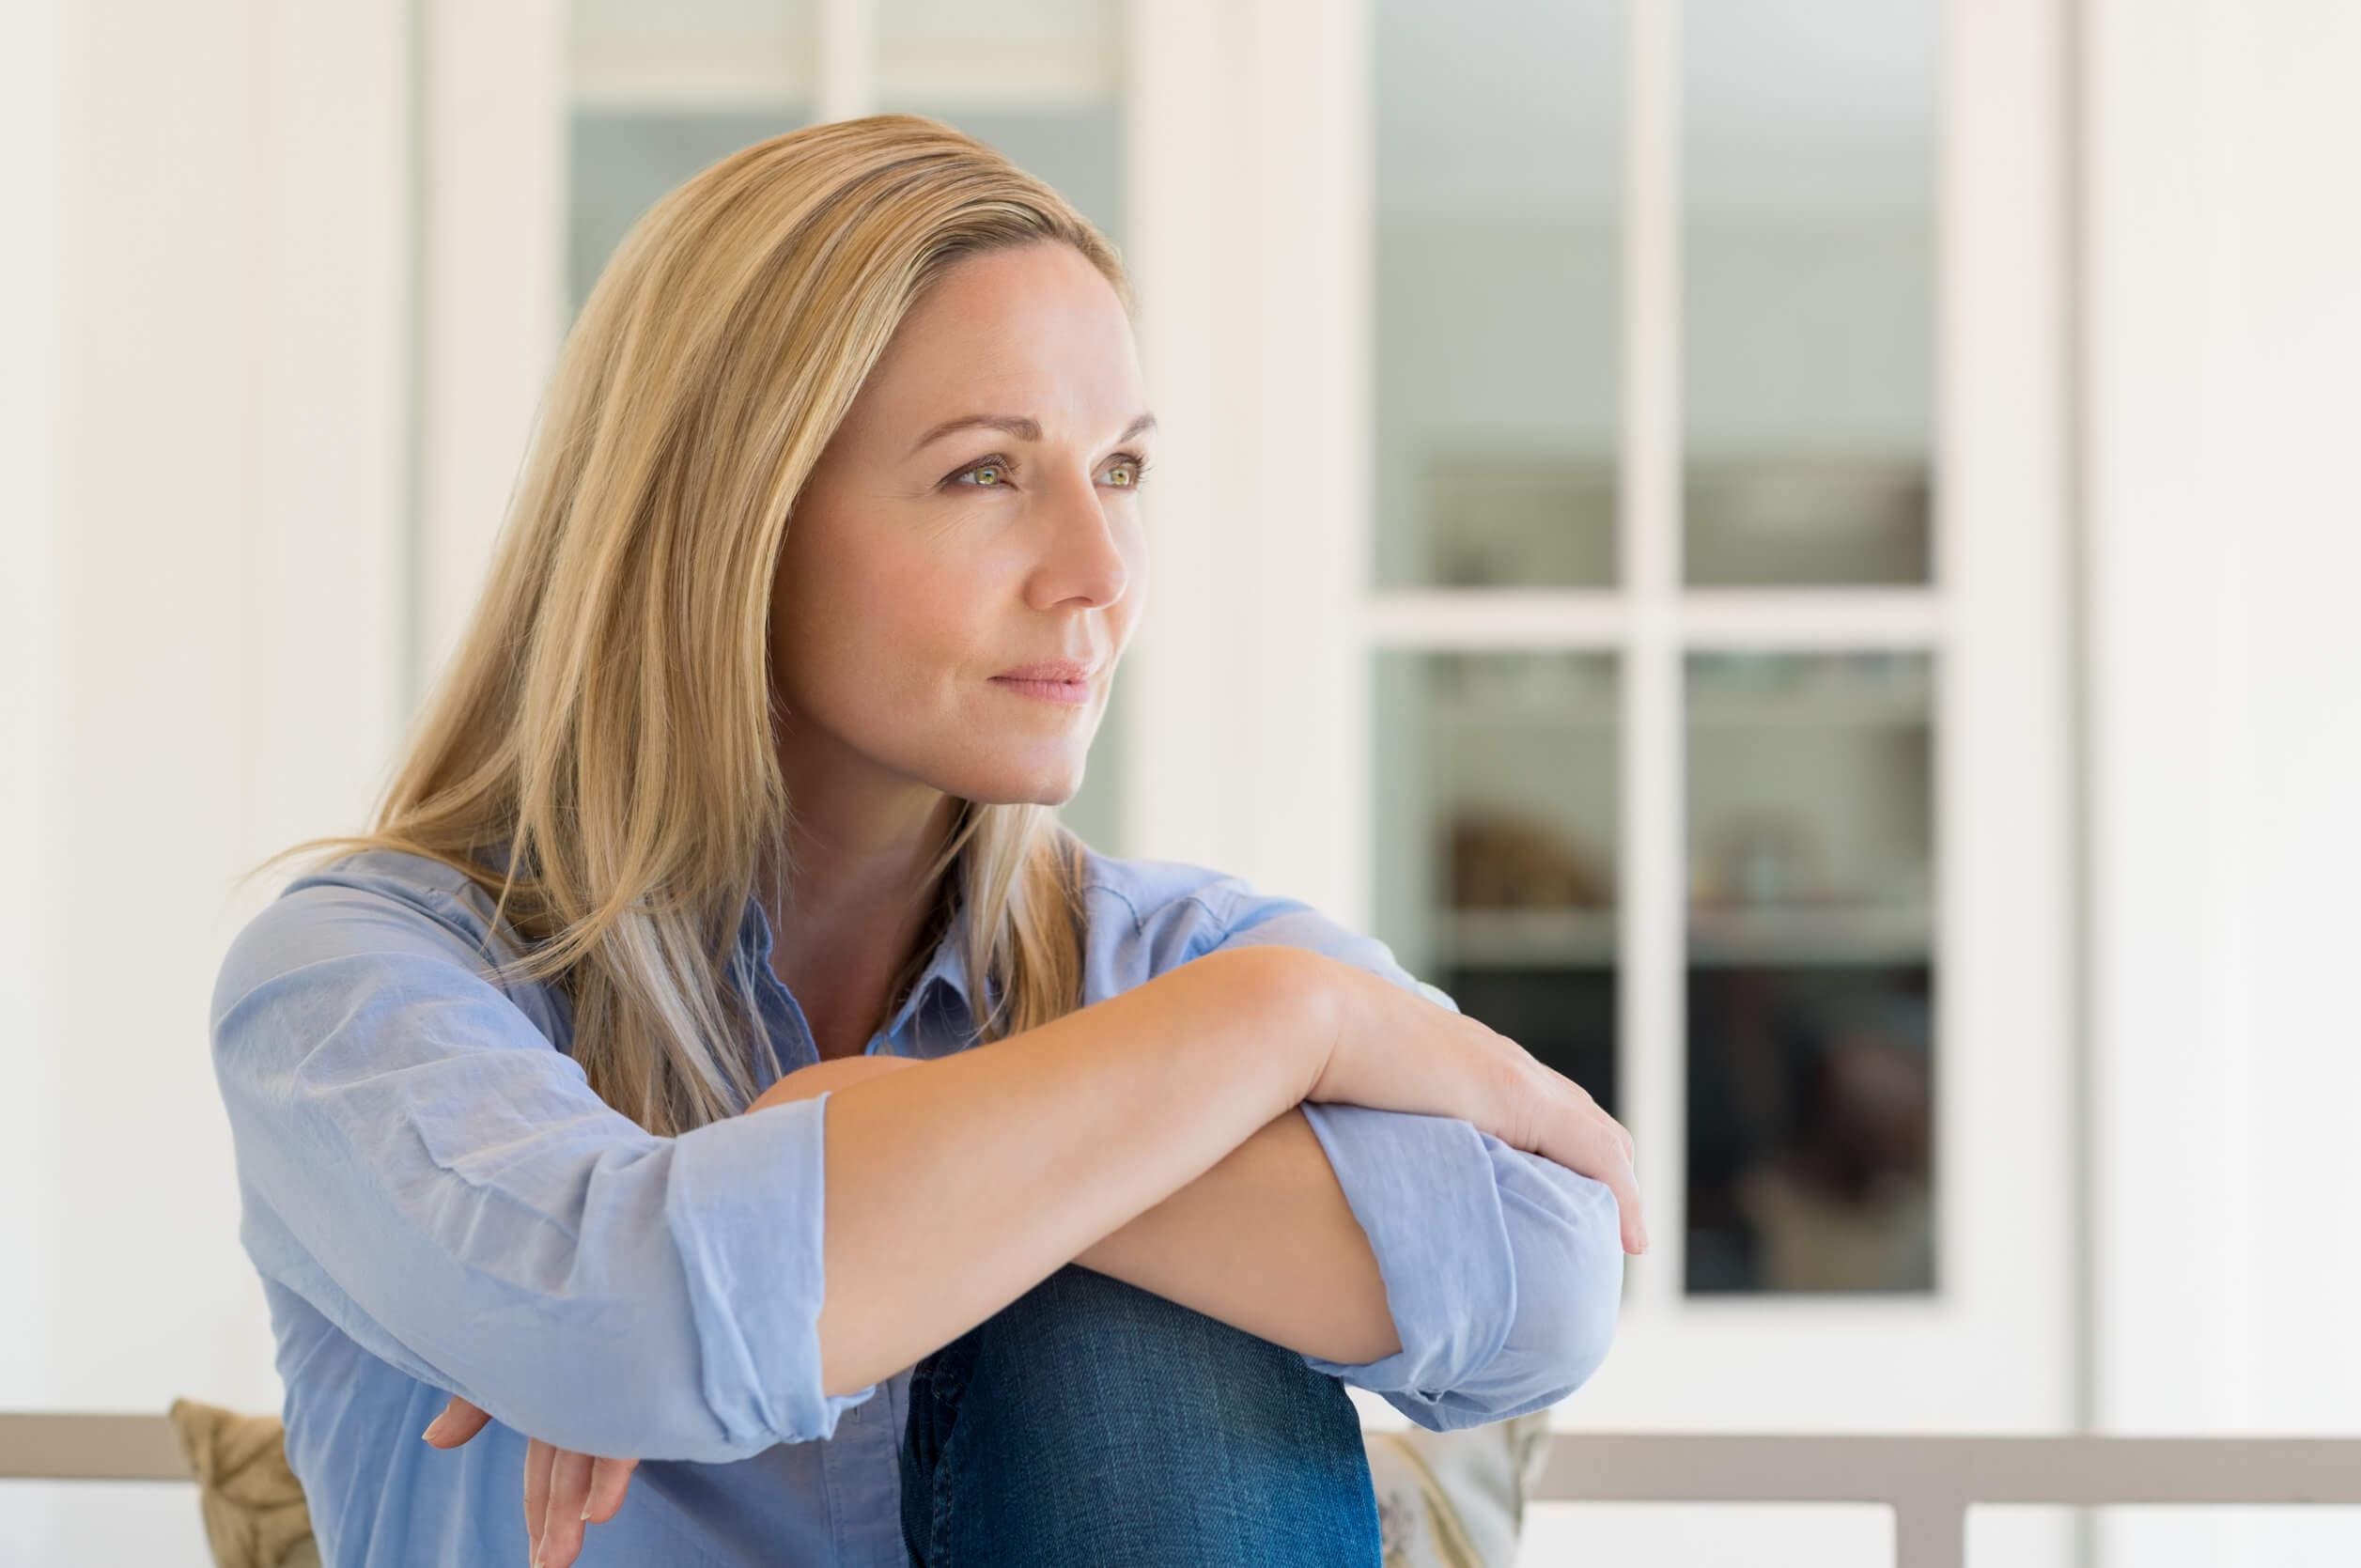 Reconoce que la falta de perdón está afectando tu vida